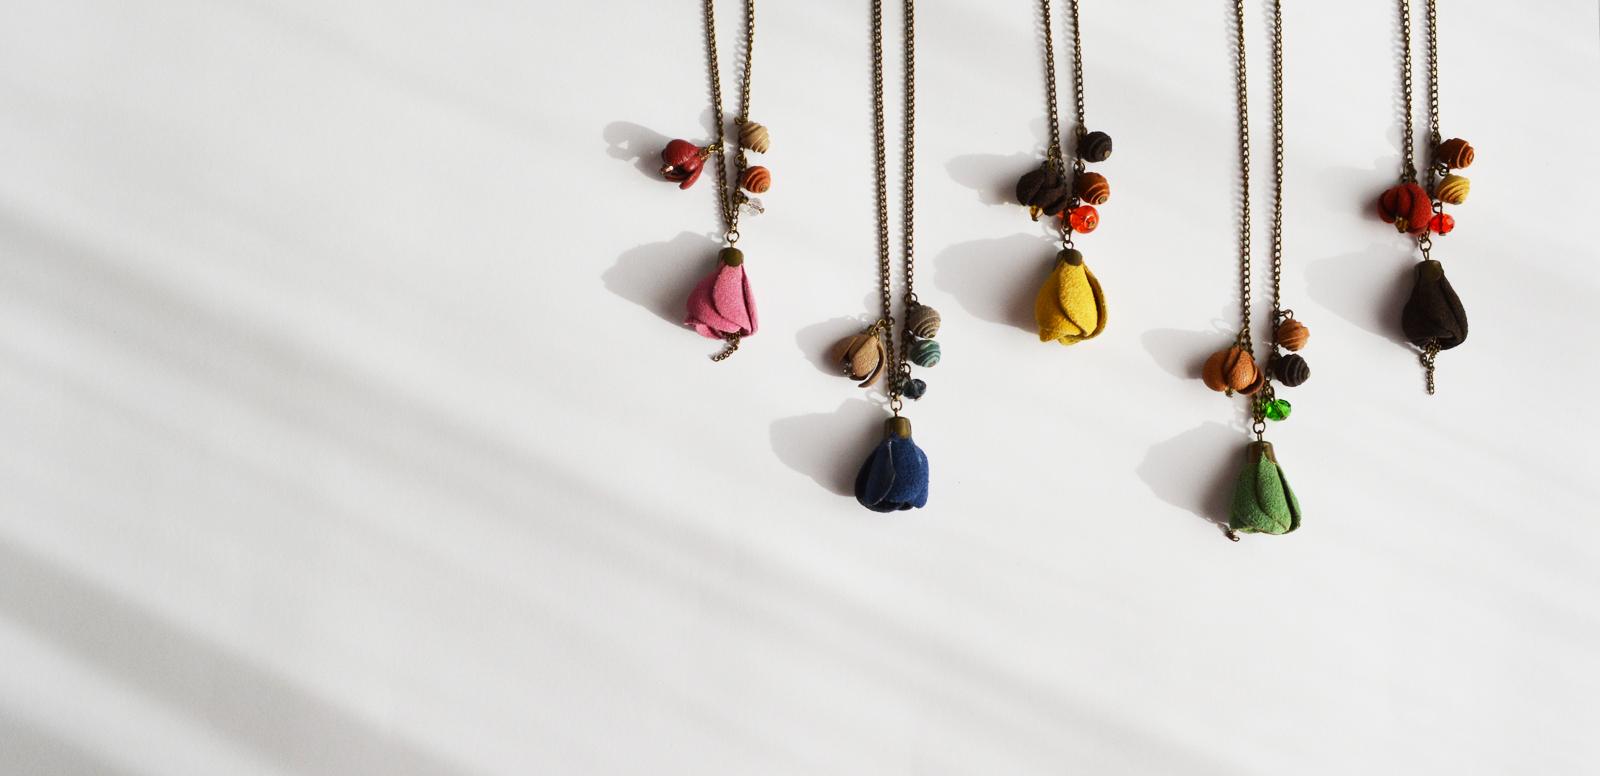 NVRLG-Cherieselles-necklaces-banner